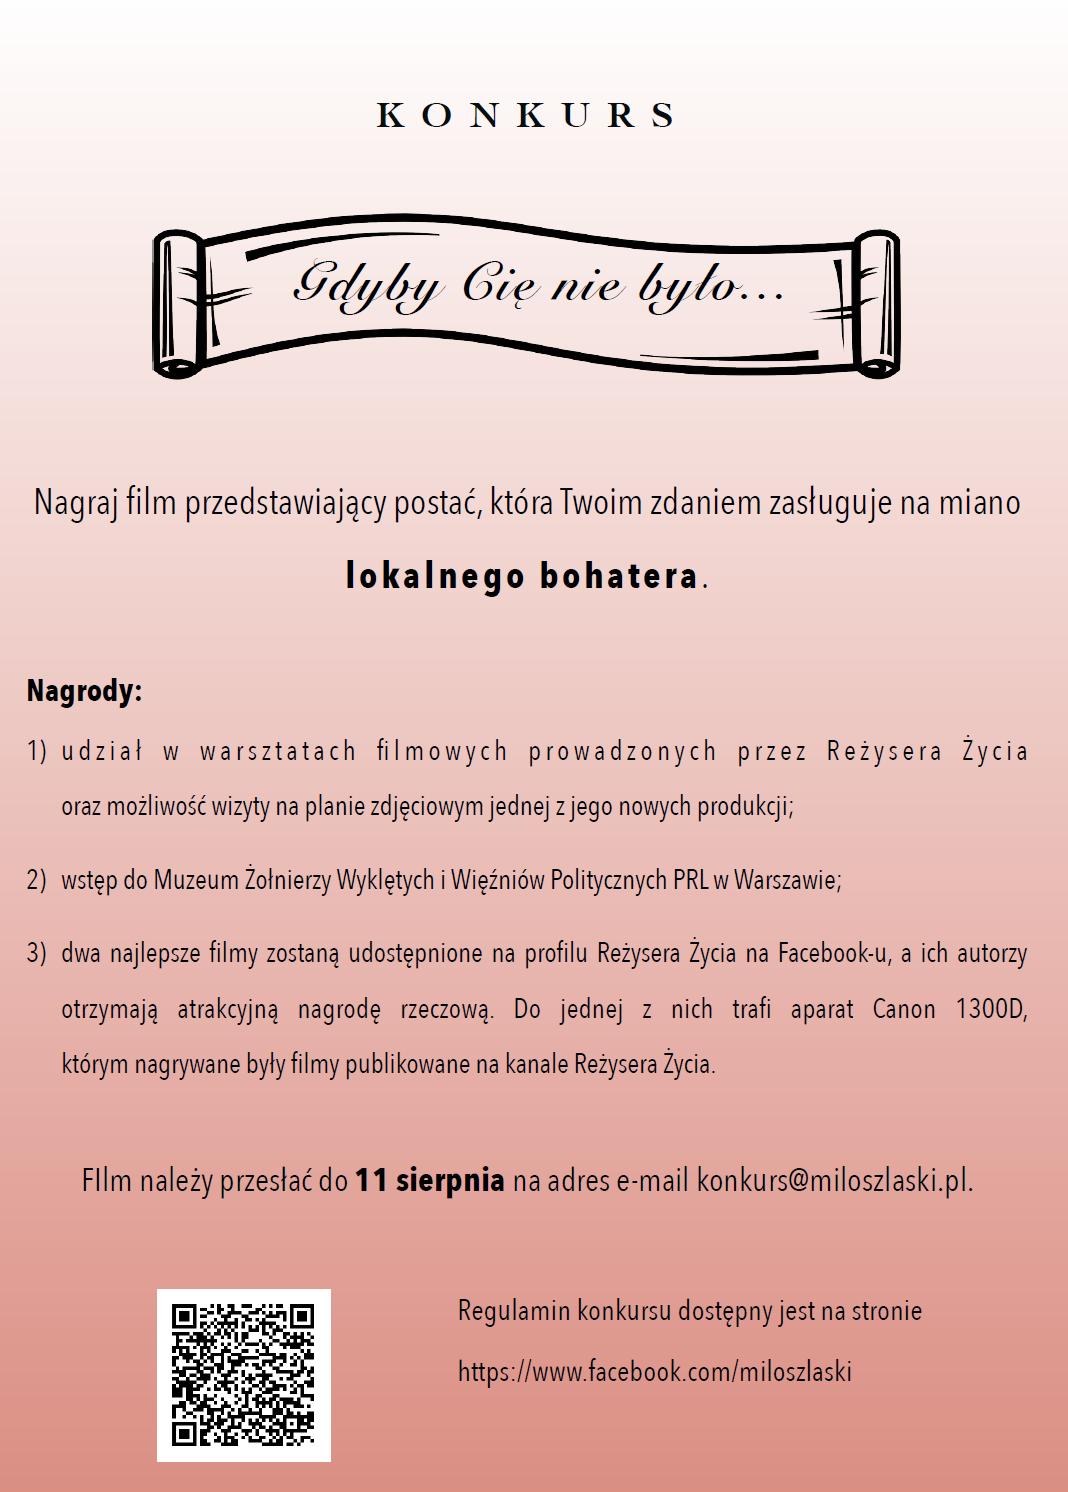 konkurs_zdjecie.png